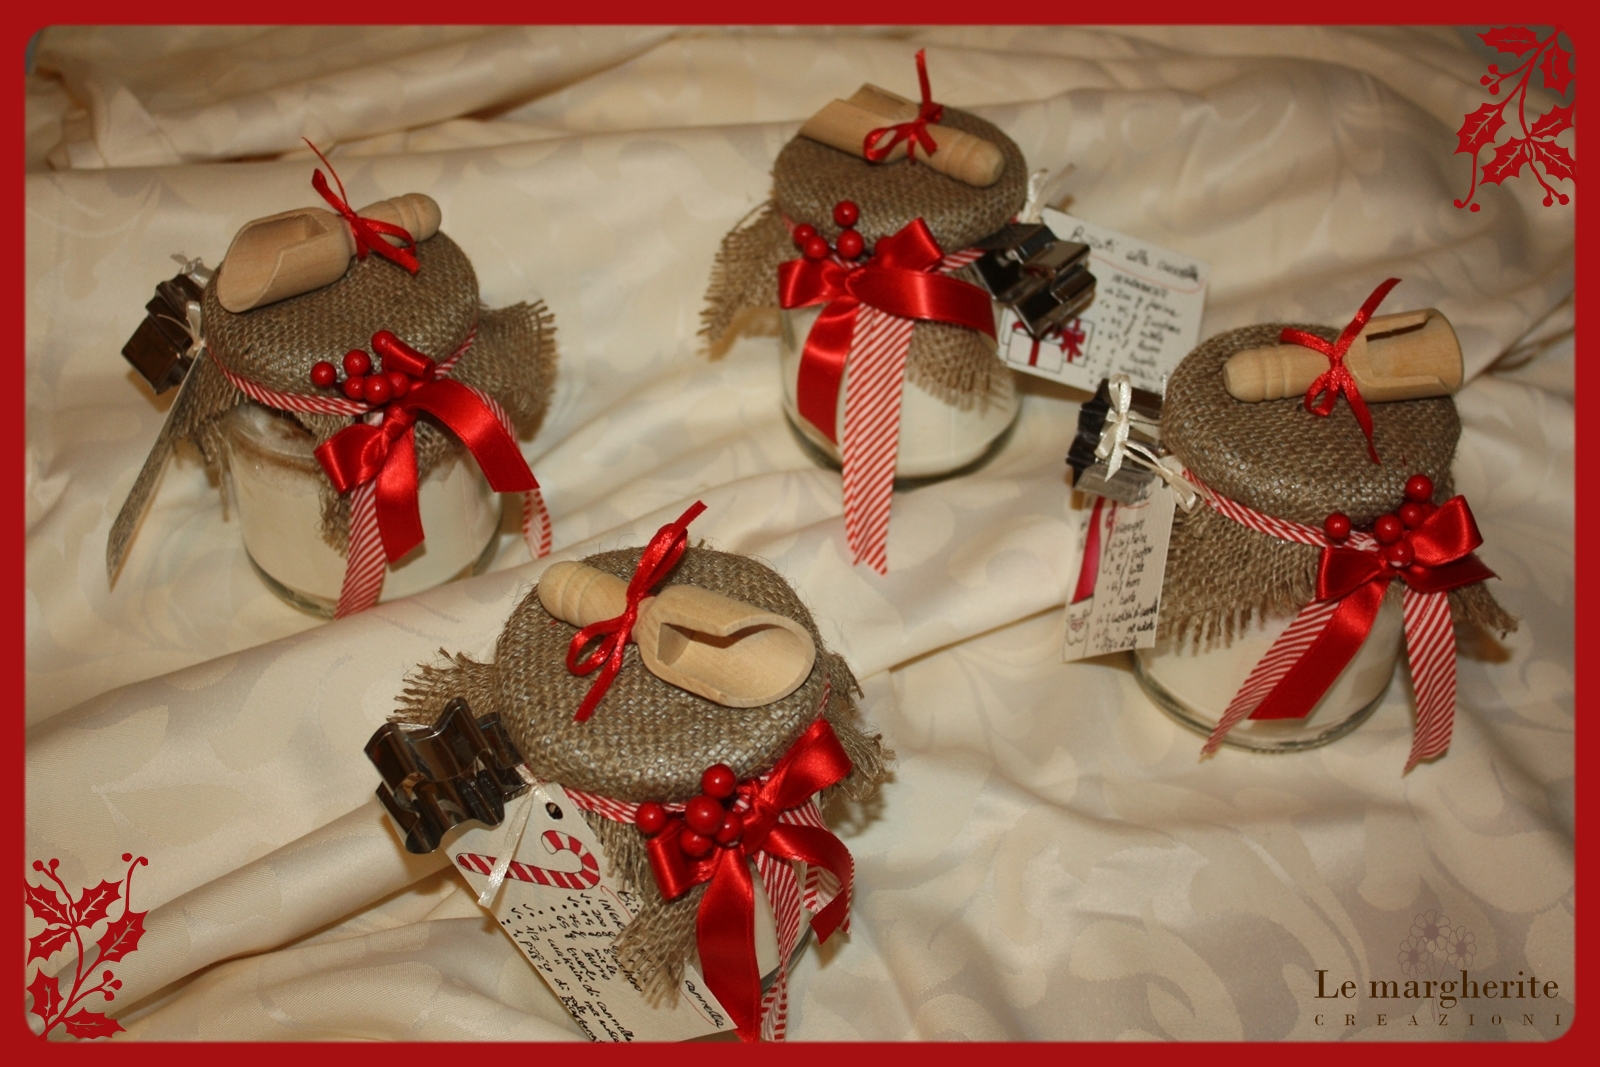 Le margherite idea regalo barattolo ingredienti per for Idea per regalo